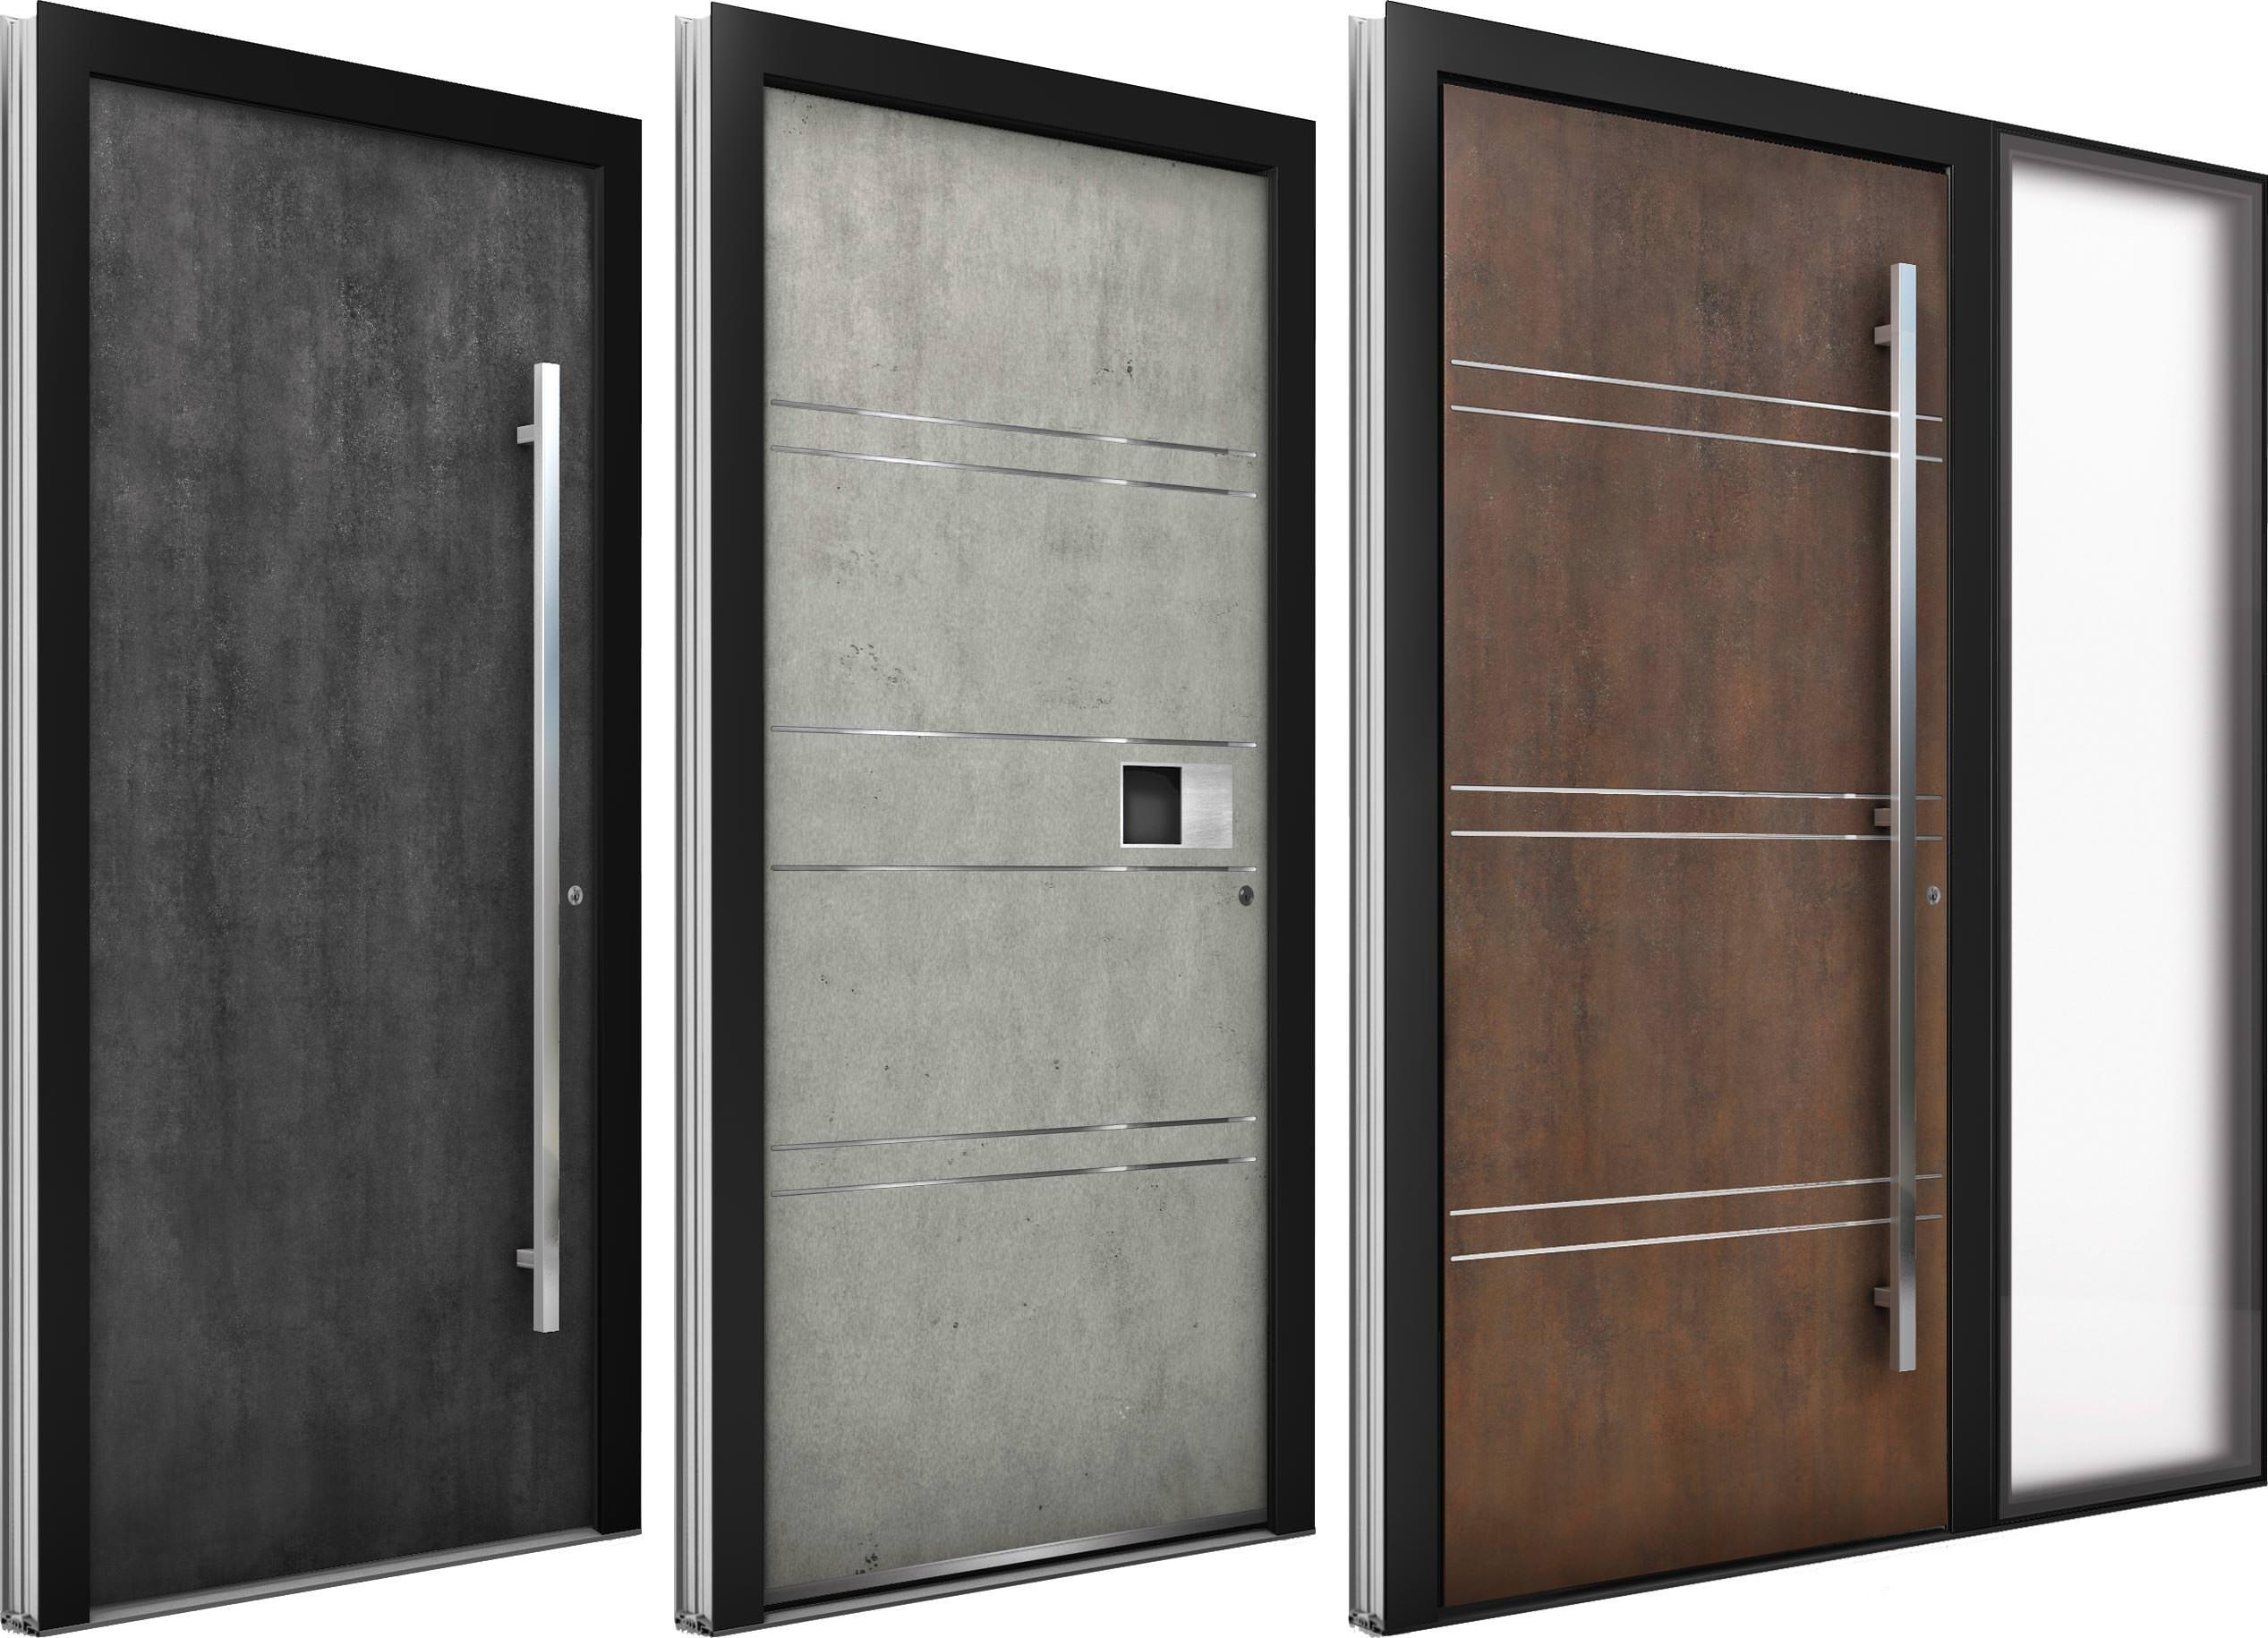 Schön Haustüren Bilder Referenz Von Türen Mit Eher Ungewöhnlichen Oberflächen Und Rahmenlosen